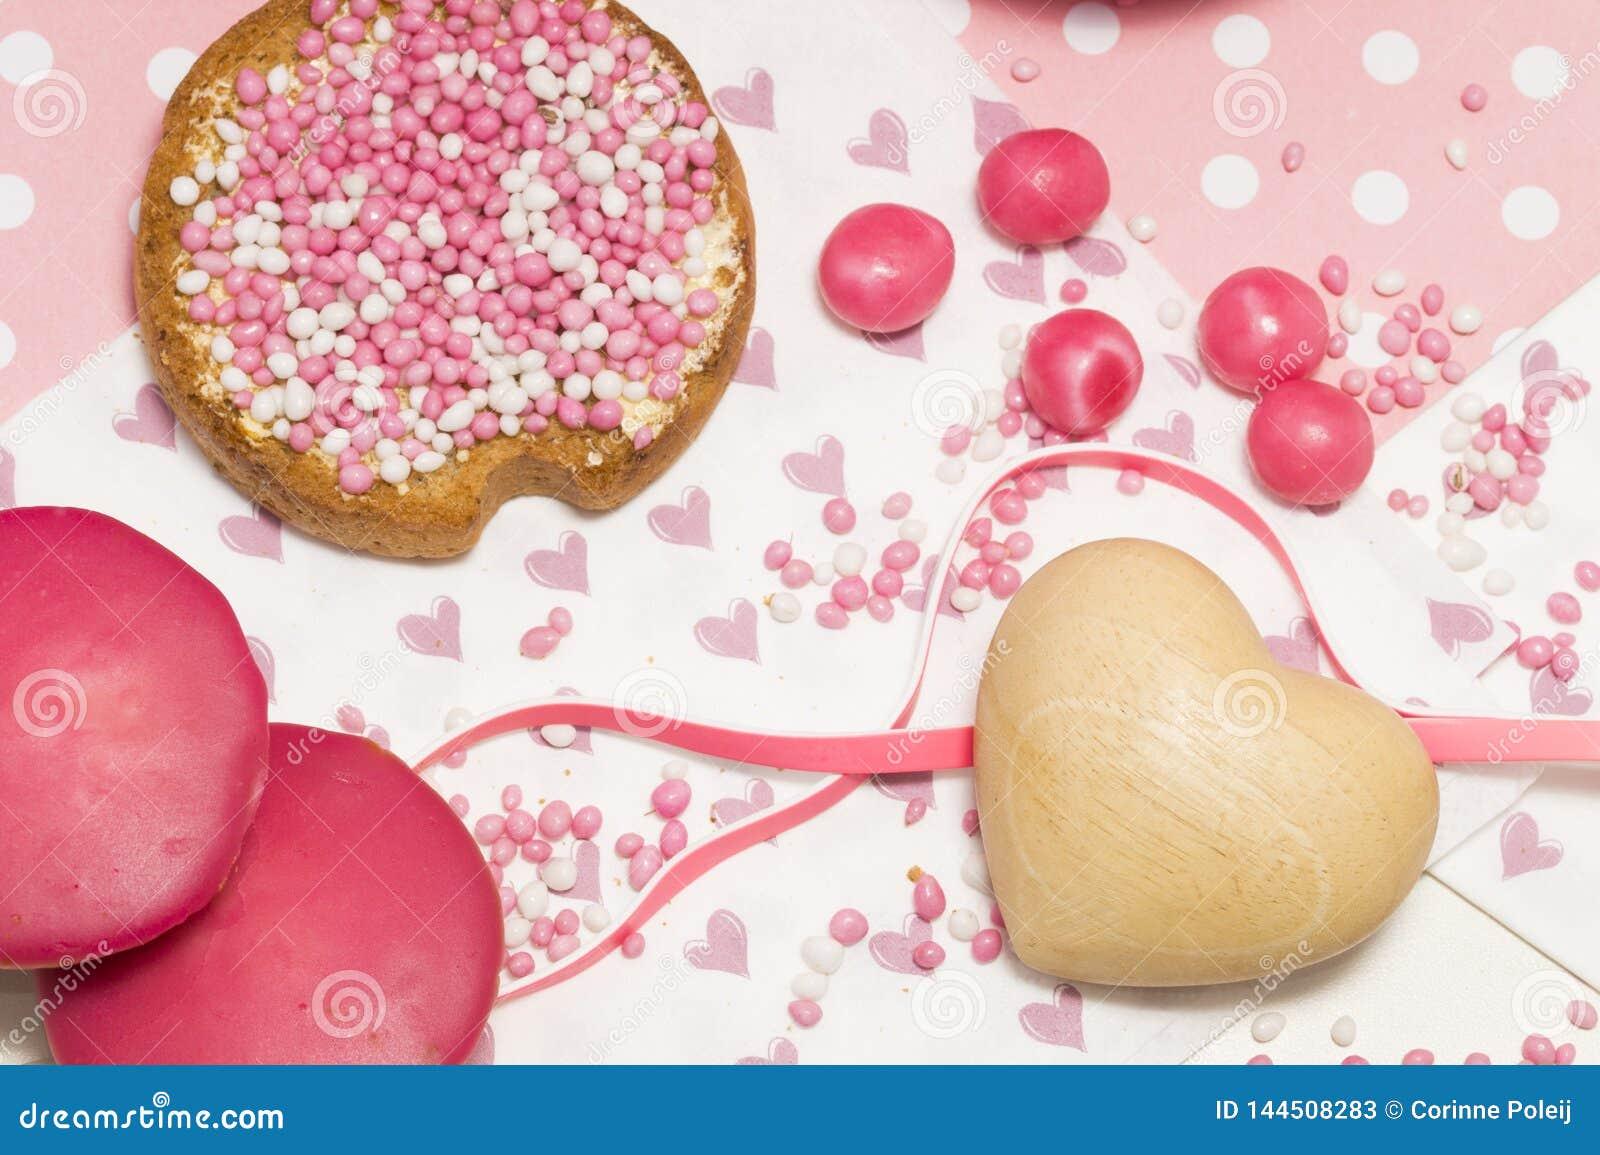 Rusk z różowymi aniseed piłkami, Holenderscy muisjes, Holenderska funda gdy dziewczynka będzie urodzona